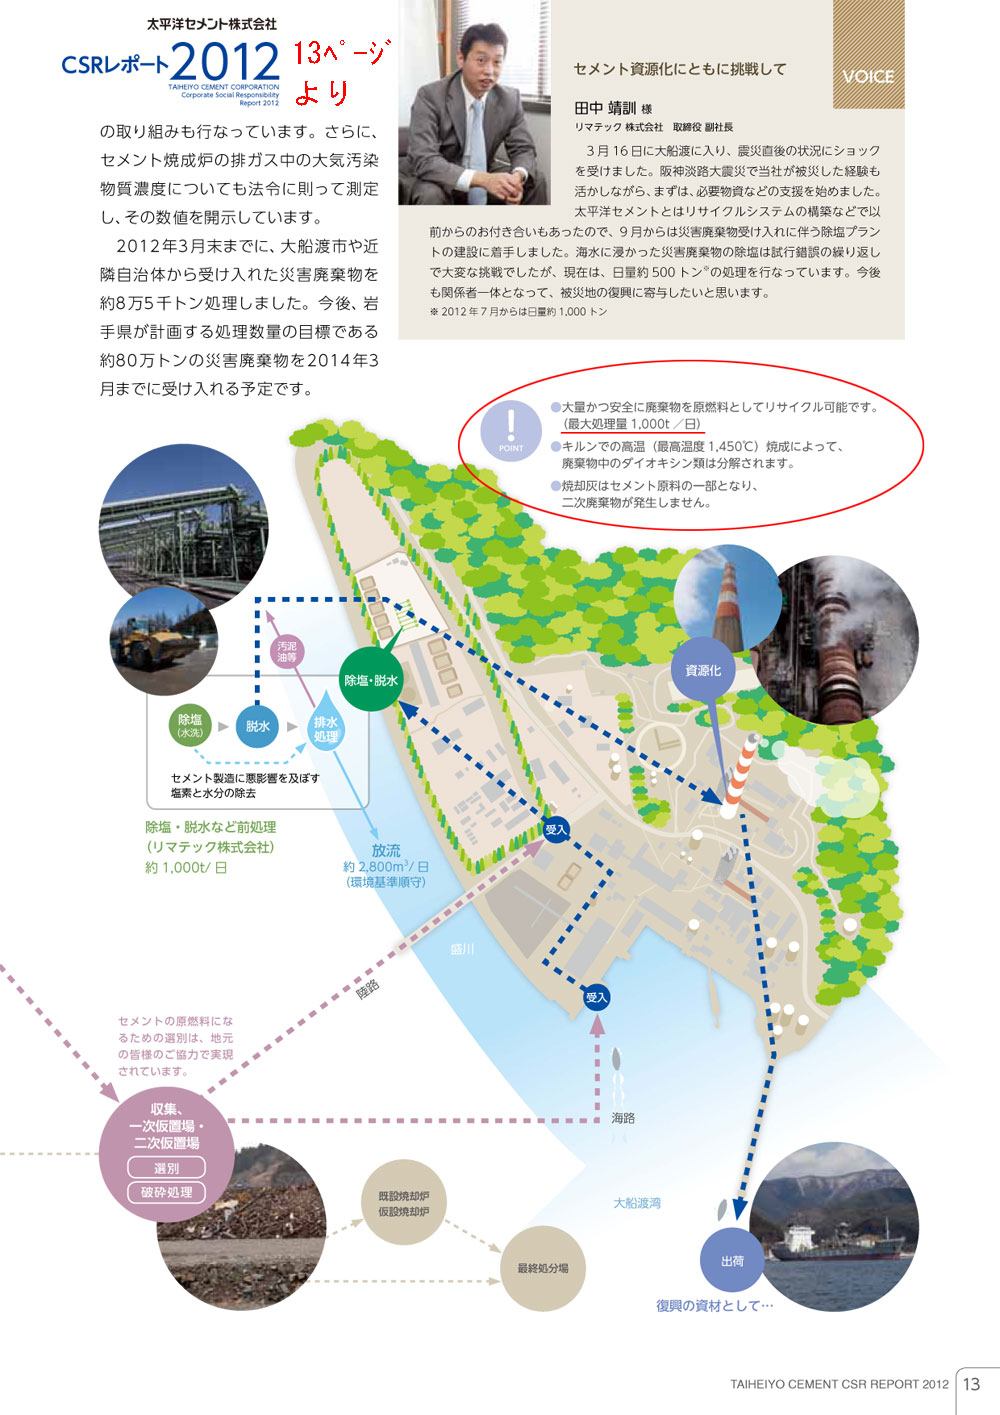 太平洋セメント処理能力について